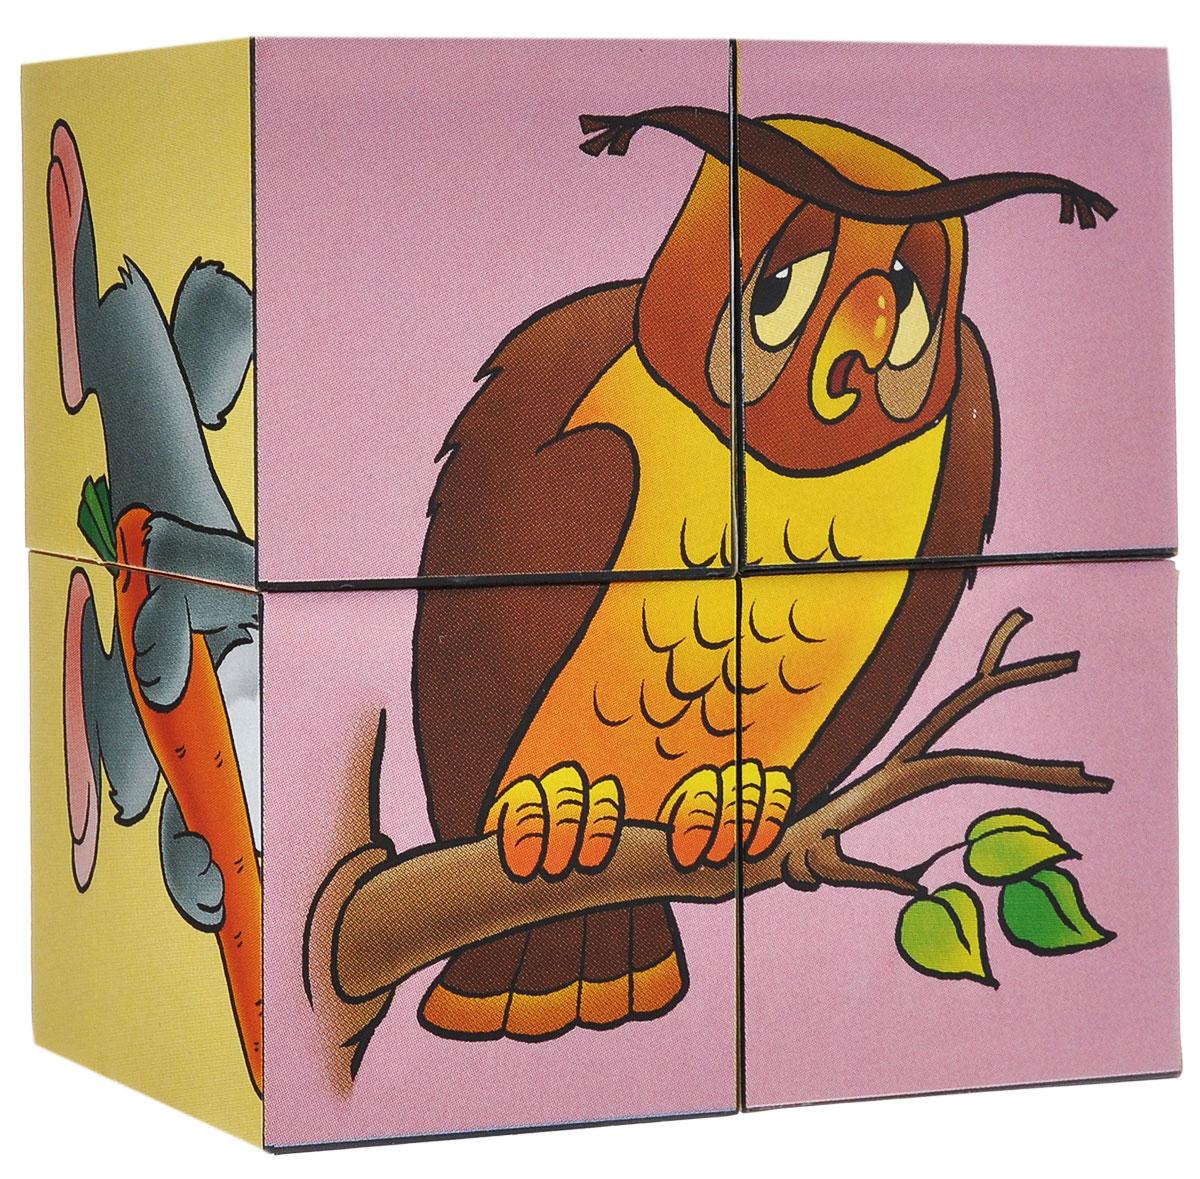 Кубики StepPuzzle Наши друзья, 4 шт87316_наши друзьяКубики StepPuzzle Наши друзья включают в себя 4 кубика, на каждой грани которых расположен элемент рисунка. Составляя кубики, малыш сможет собрать 6 красочных картинок. Кубики выполнены из прочного безопасного пластика. Их грани идеально ровные, малышу непременно понравится держать их в руках, рассматривать и строить из них различные конструкции. А собирание ярких картинок с забавными зверушками поможет малышу развить навыки логического мышления и поможет ему познакомиться с разными цветами и их названиями. Игры с кубиками развивают мелкую моторику рук, цветовое восприятие и пространственное мышление. Ребенку непременно понравится учиться и играть с кубиками, такие игры не только надолго займут внимание малыша, но и помогут ему развить мелкую моторику, пространственное мышление, зрительное и тактильное восприятие, а также воображение и координацию движений.